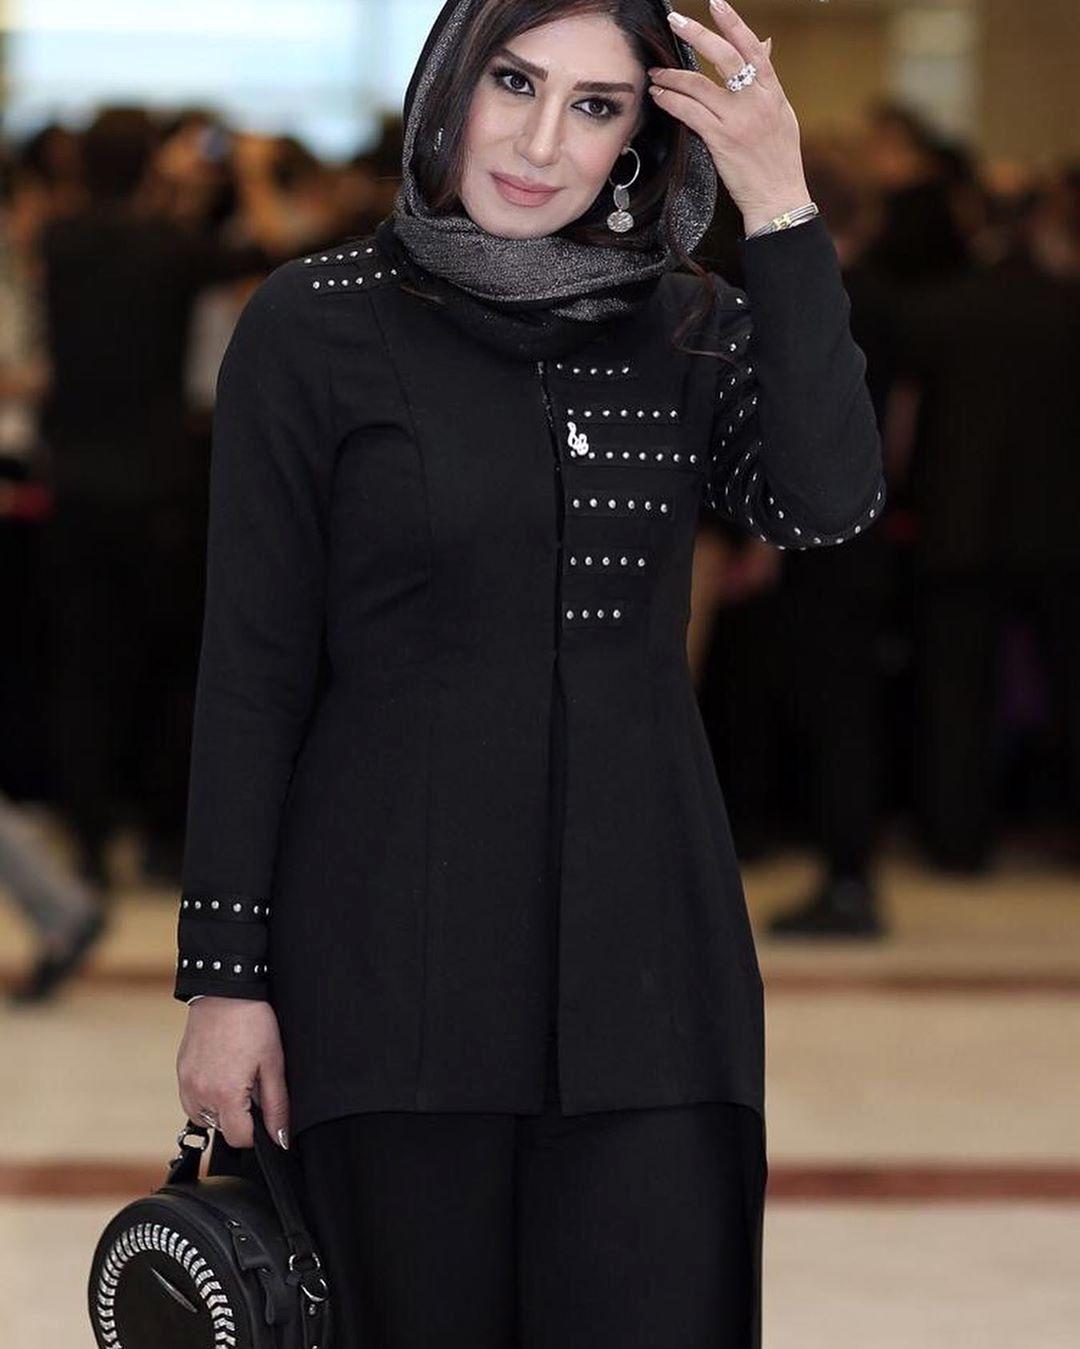 جدید ترین مانتوهای بازیگران ایرانی